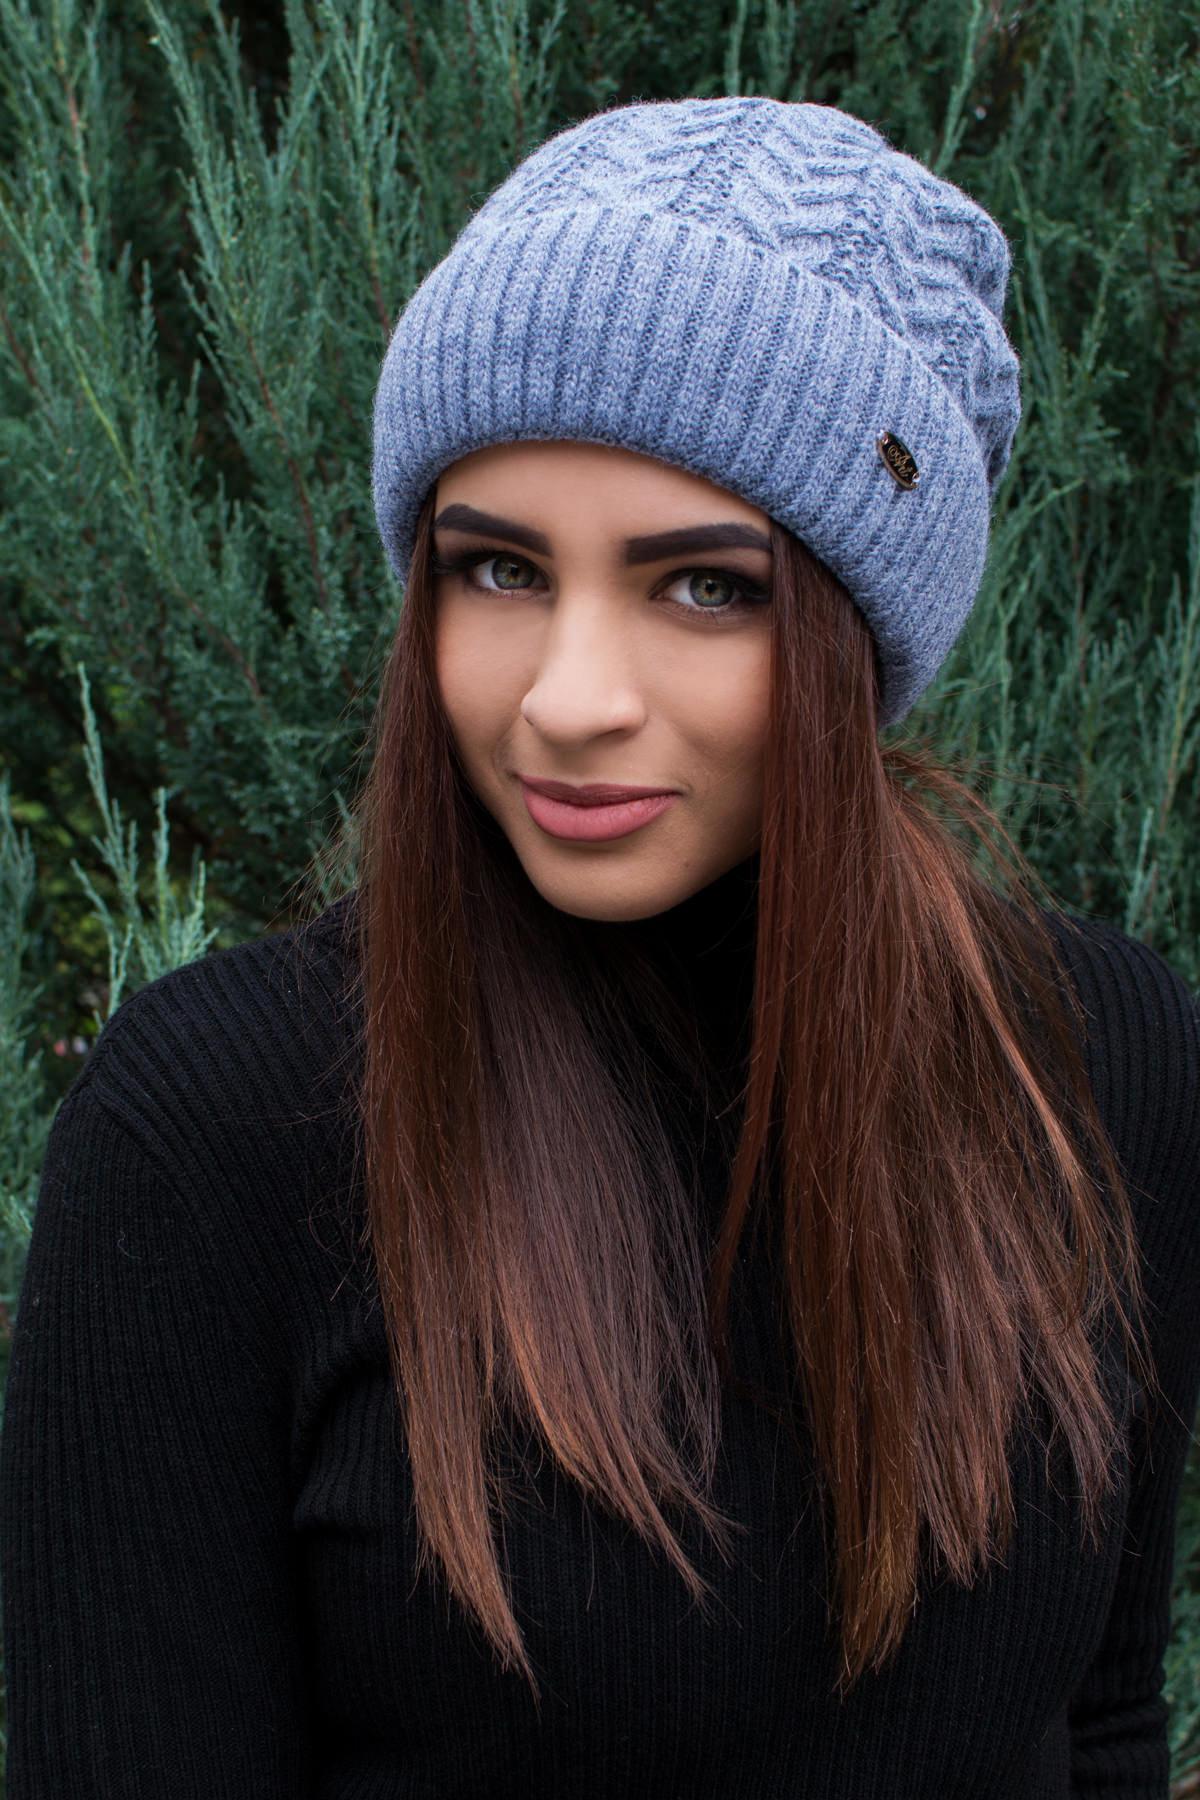 женская шапка оптом Шапка Нэлли